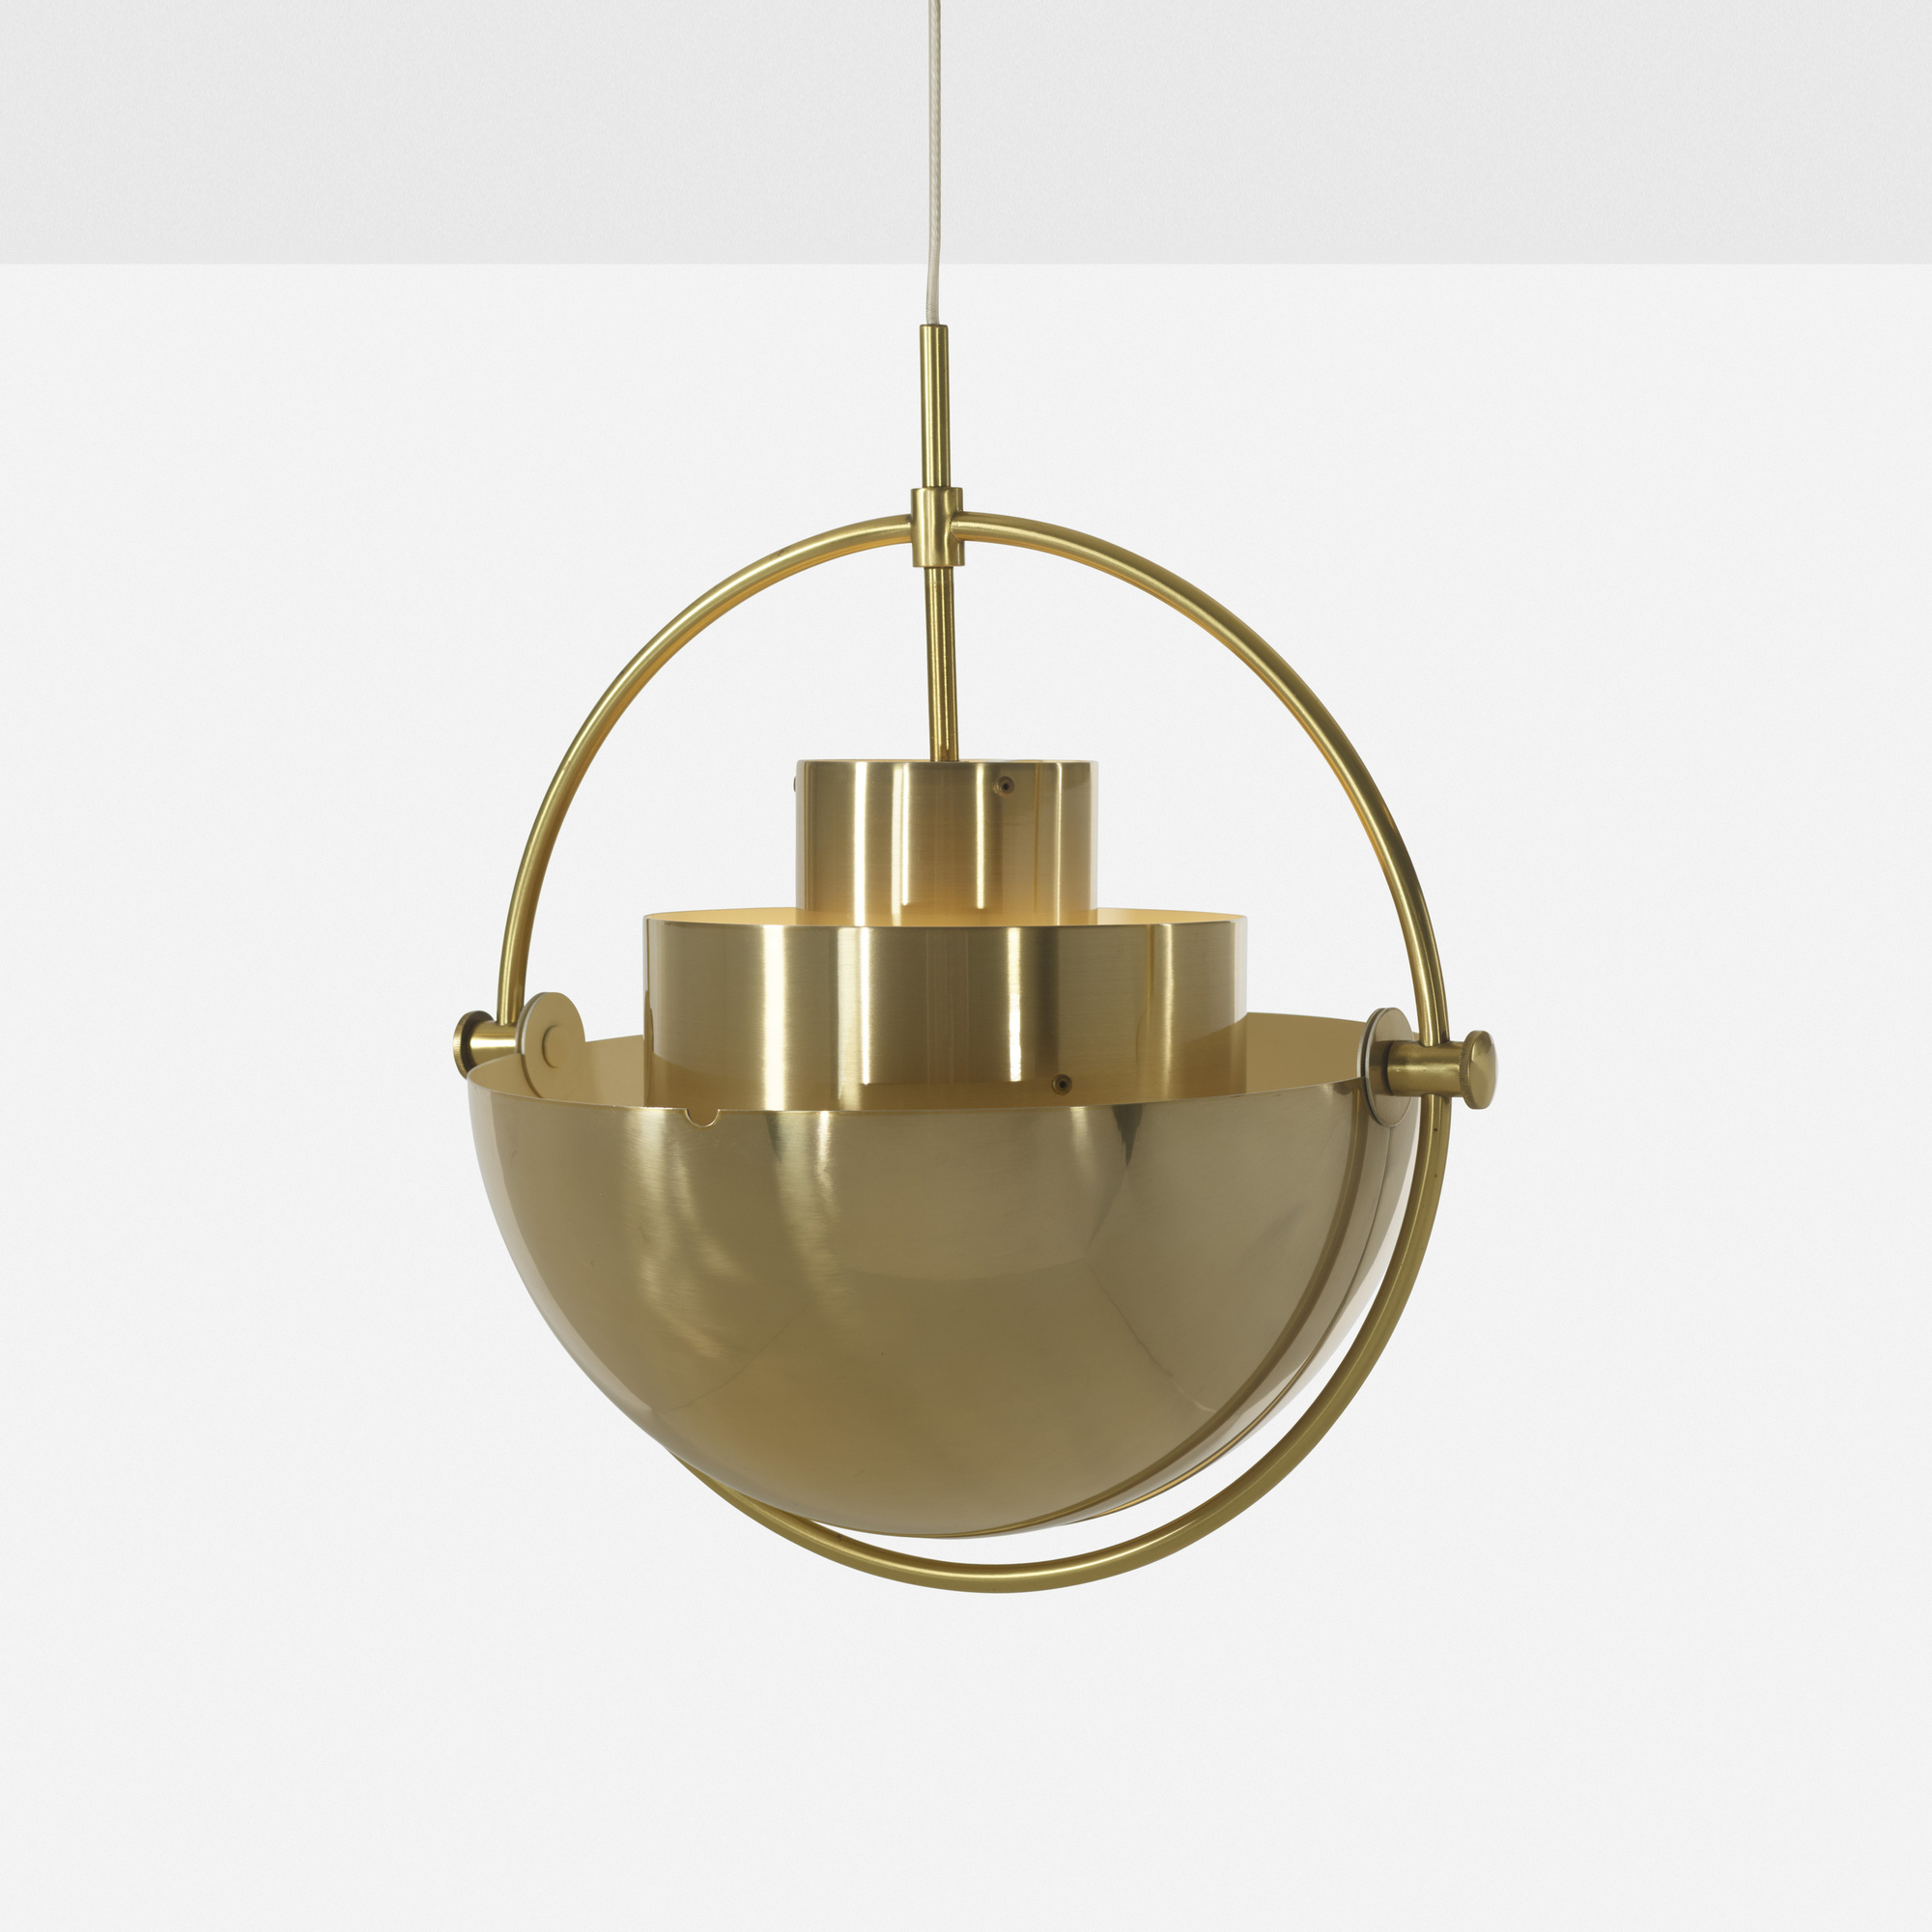 225: Louis Weisdorf / Multi-Lite pendant lamp (1 of 5)